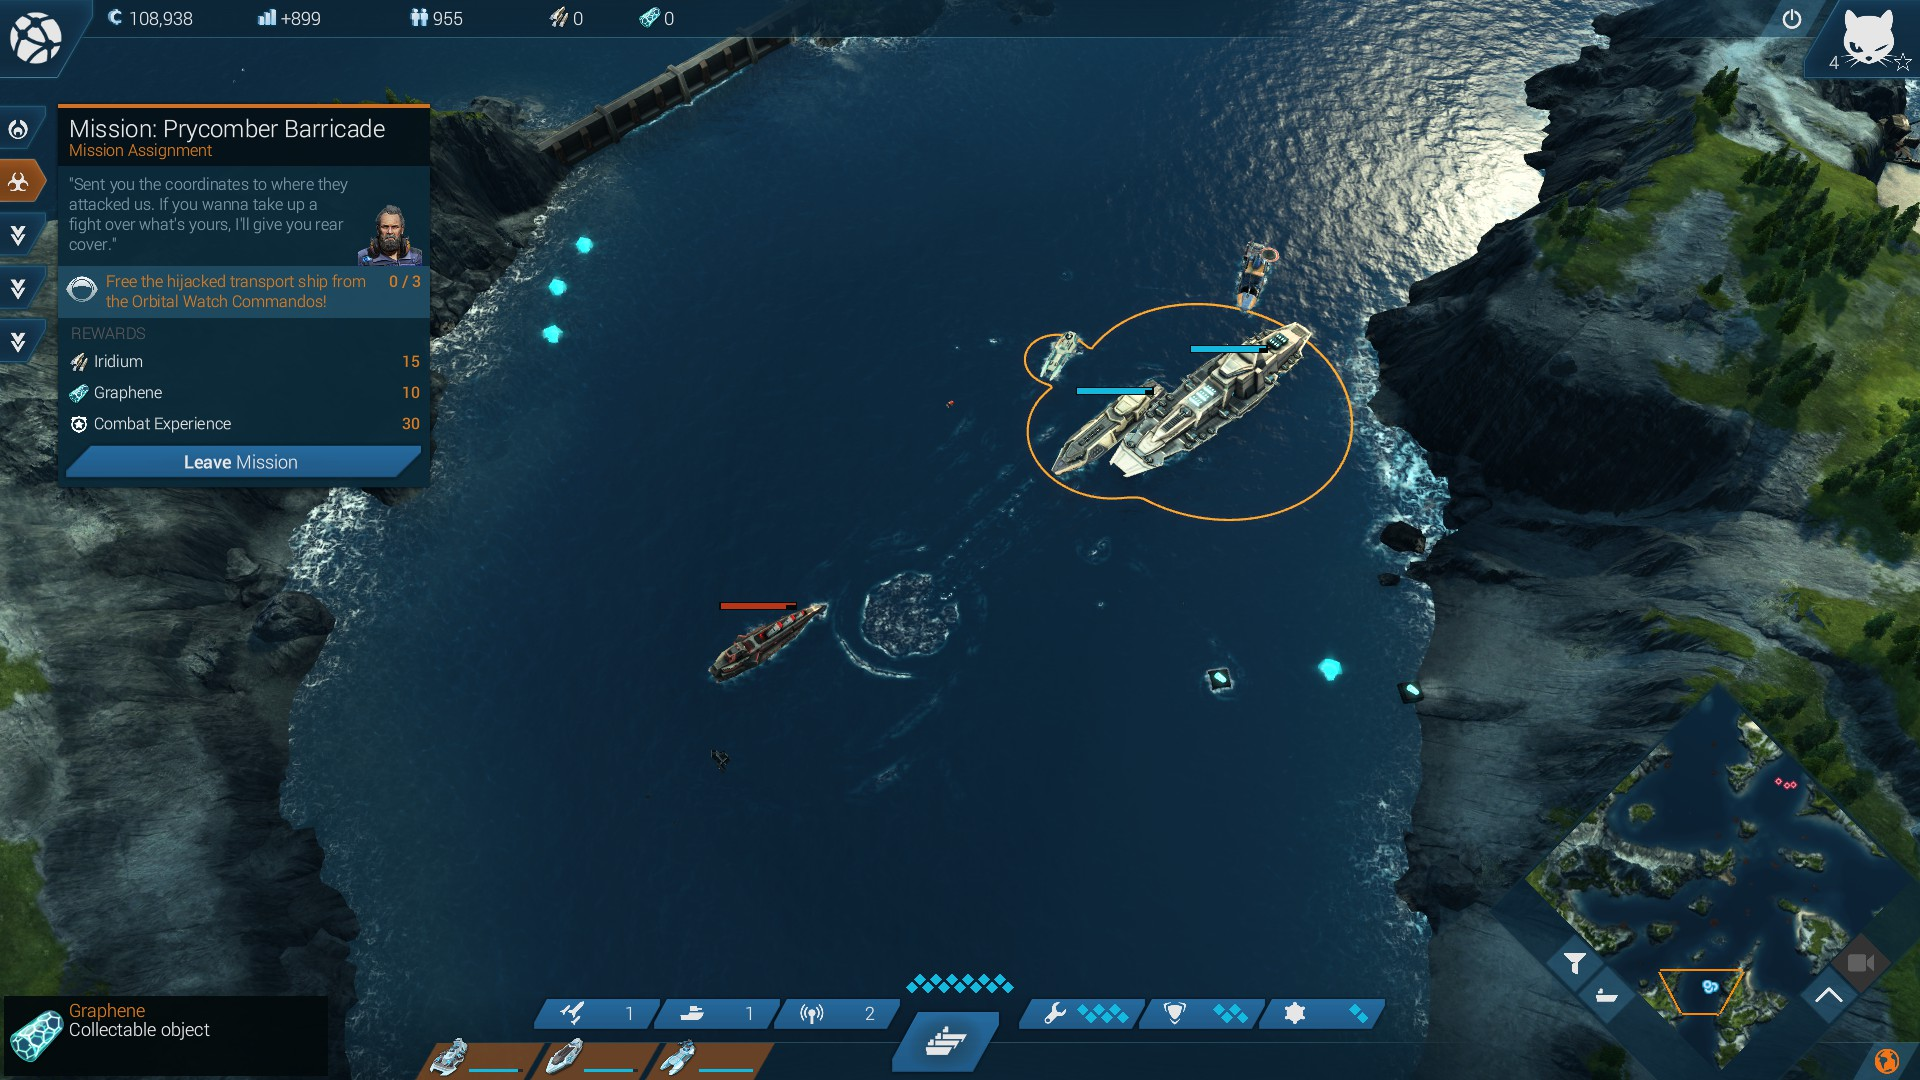 Mit einer kleinen Flotte zieht man in Echtzeit über die Karte und zerlegt gegnerische Schiffe.